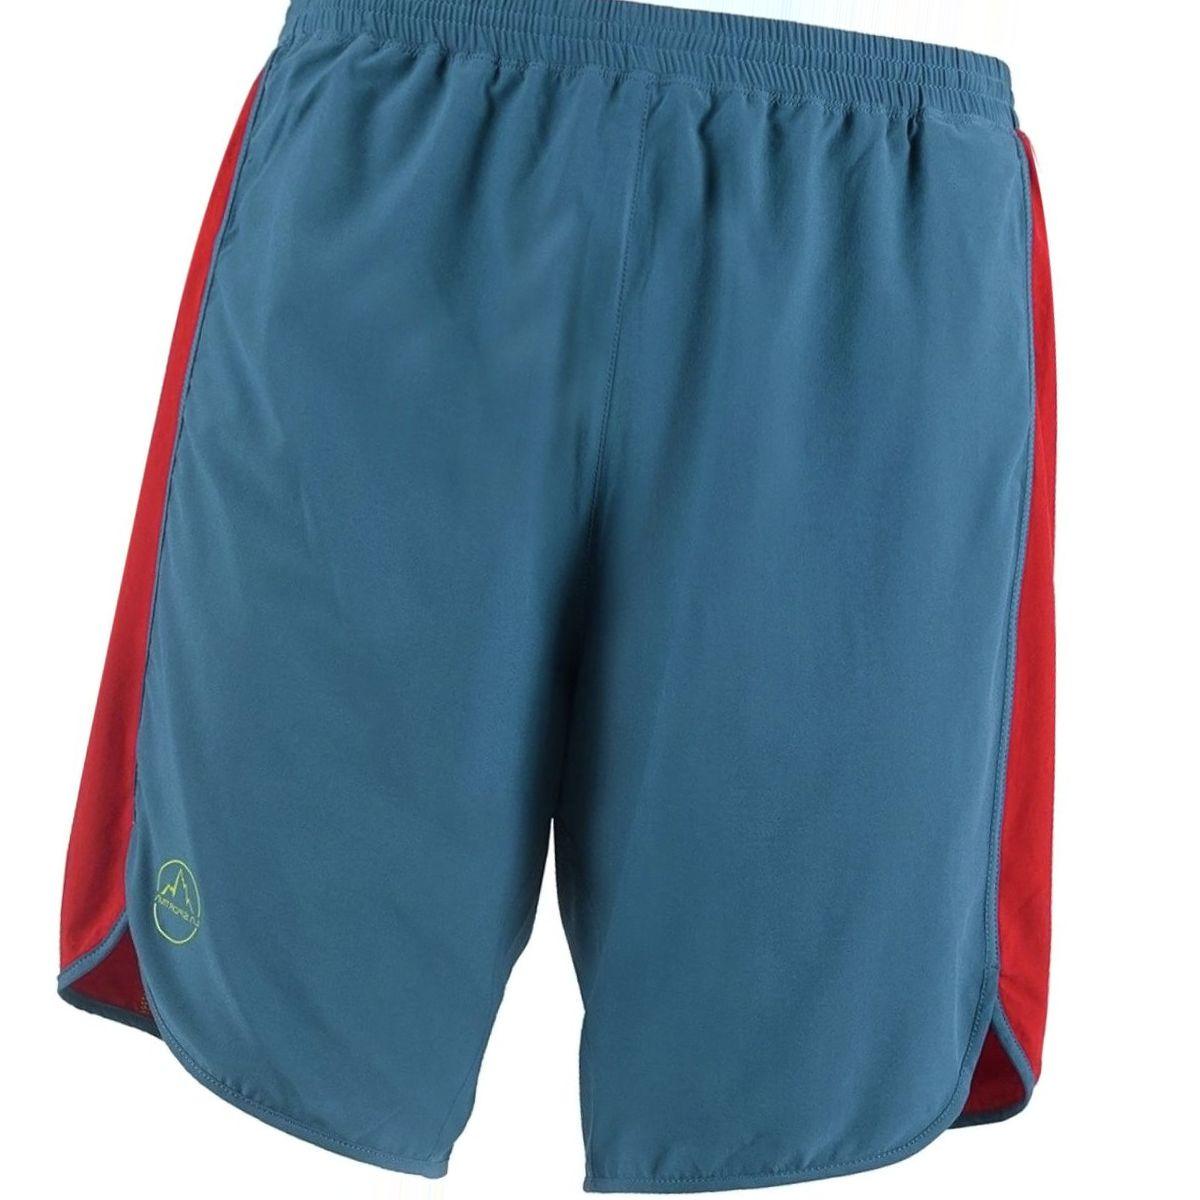 La Sportiva Sudden Short - Men's